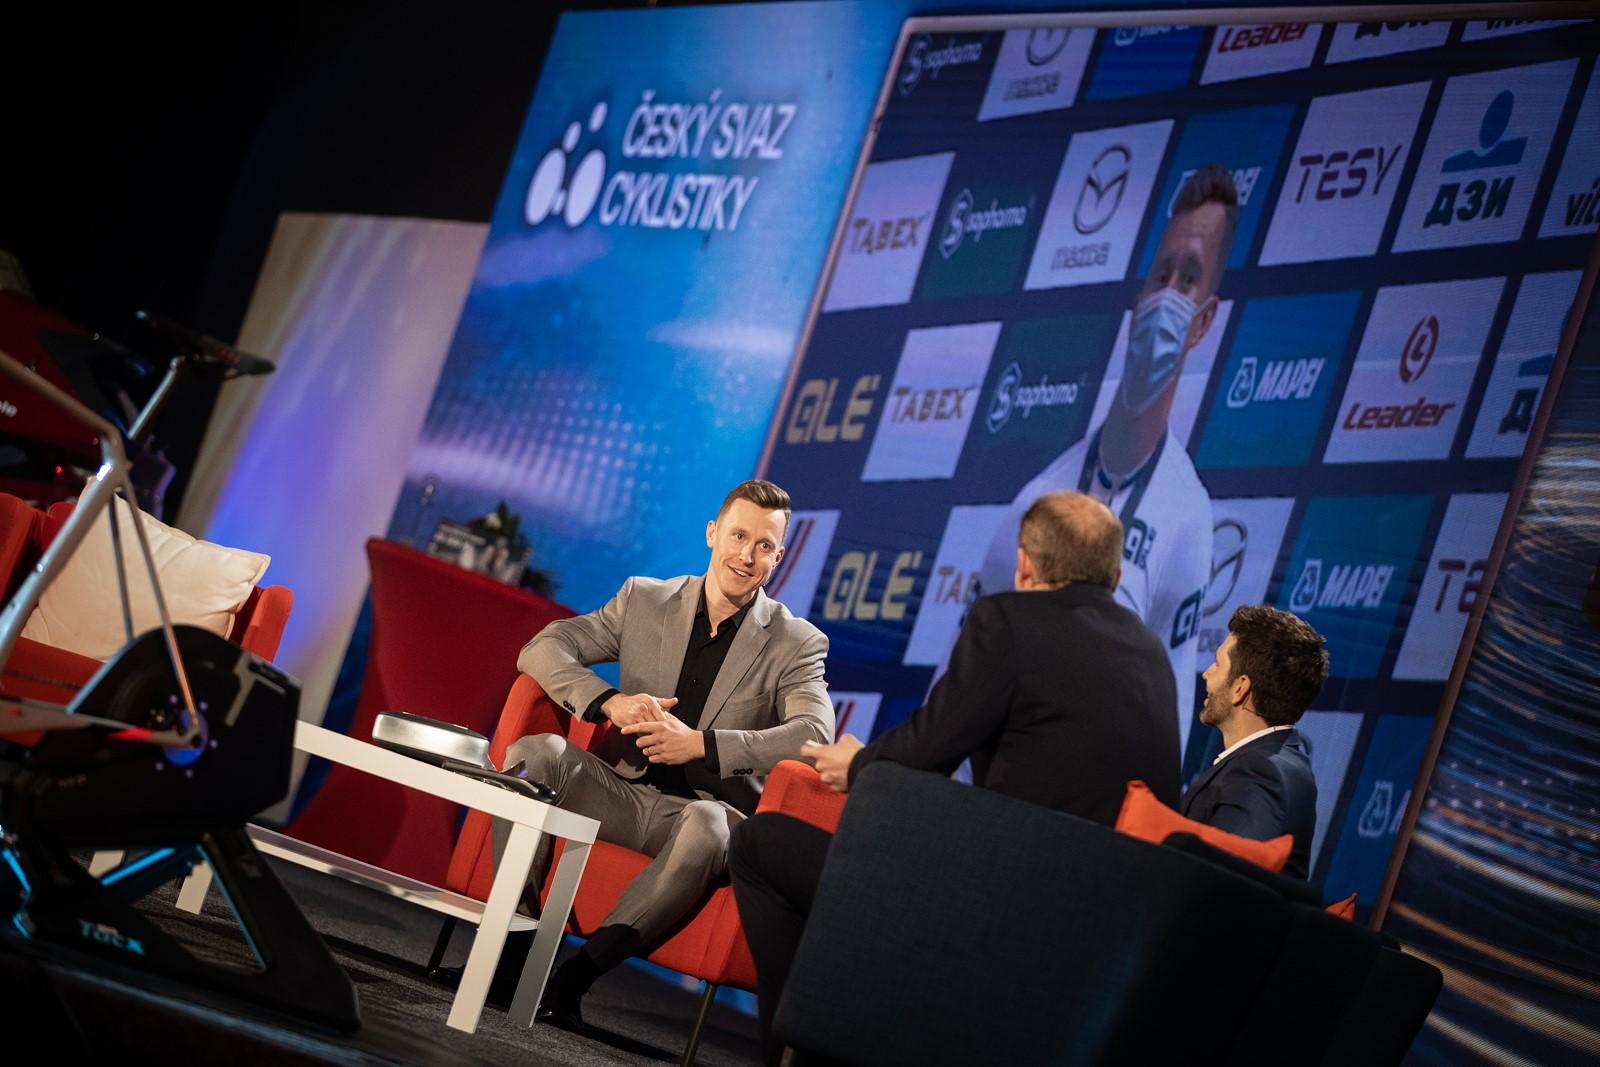 Tomáš Bábek, vítěz ankety Král cyklistiky během rozhovoru při slavnostním vyhlášení ankety. Foto: Michal Červený